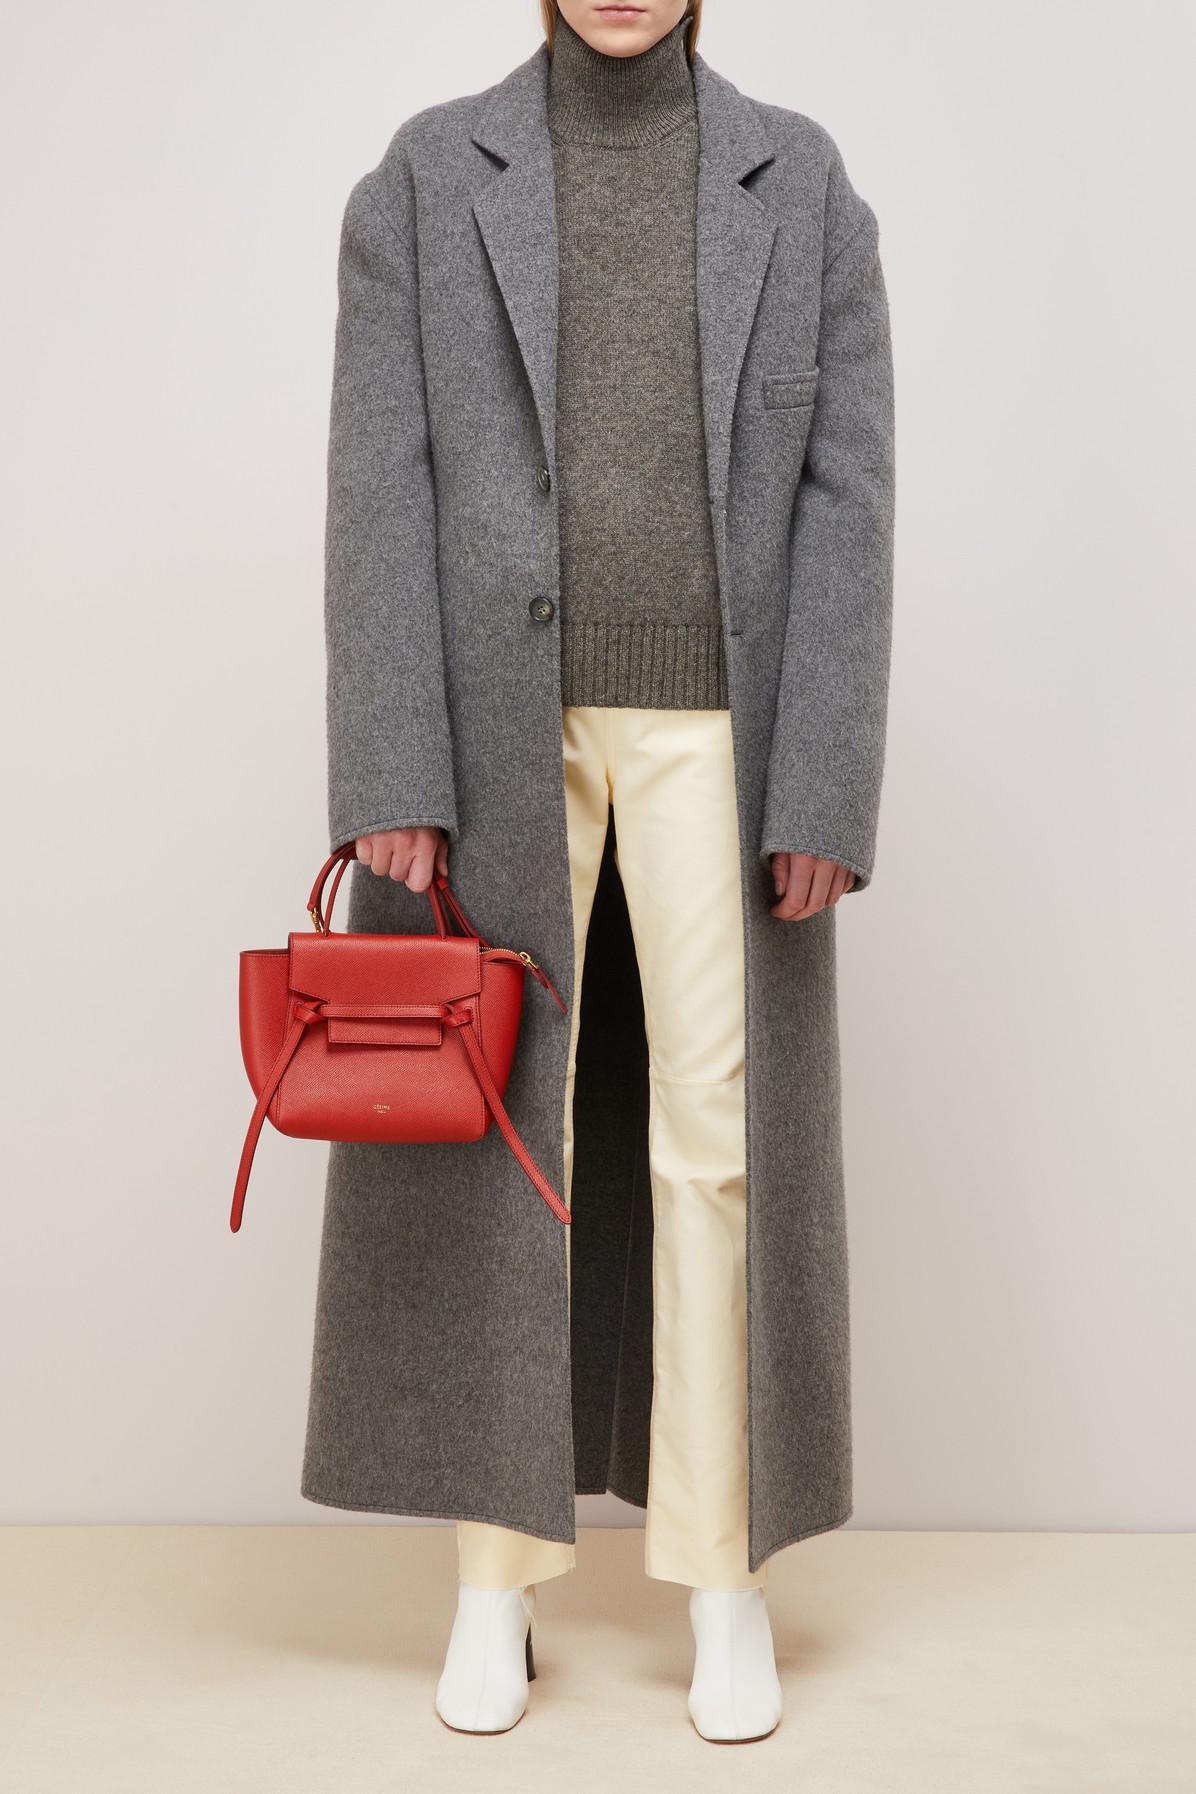 06751e5f07 Céline Nano Belt Bag In Grained Calfskin in Red - Lyst